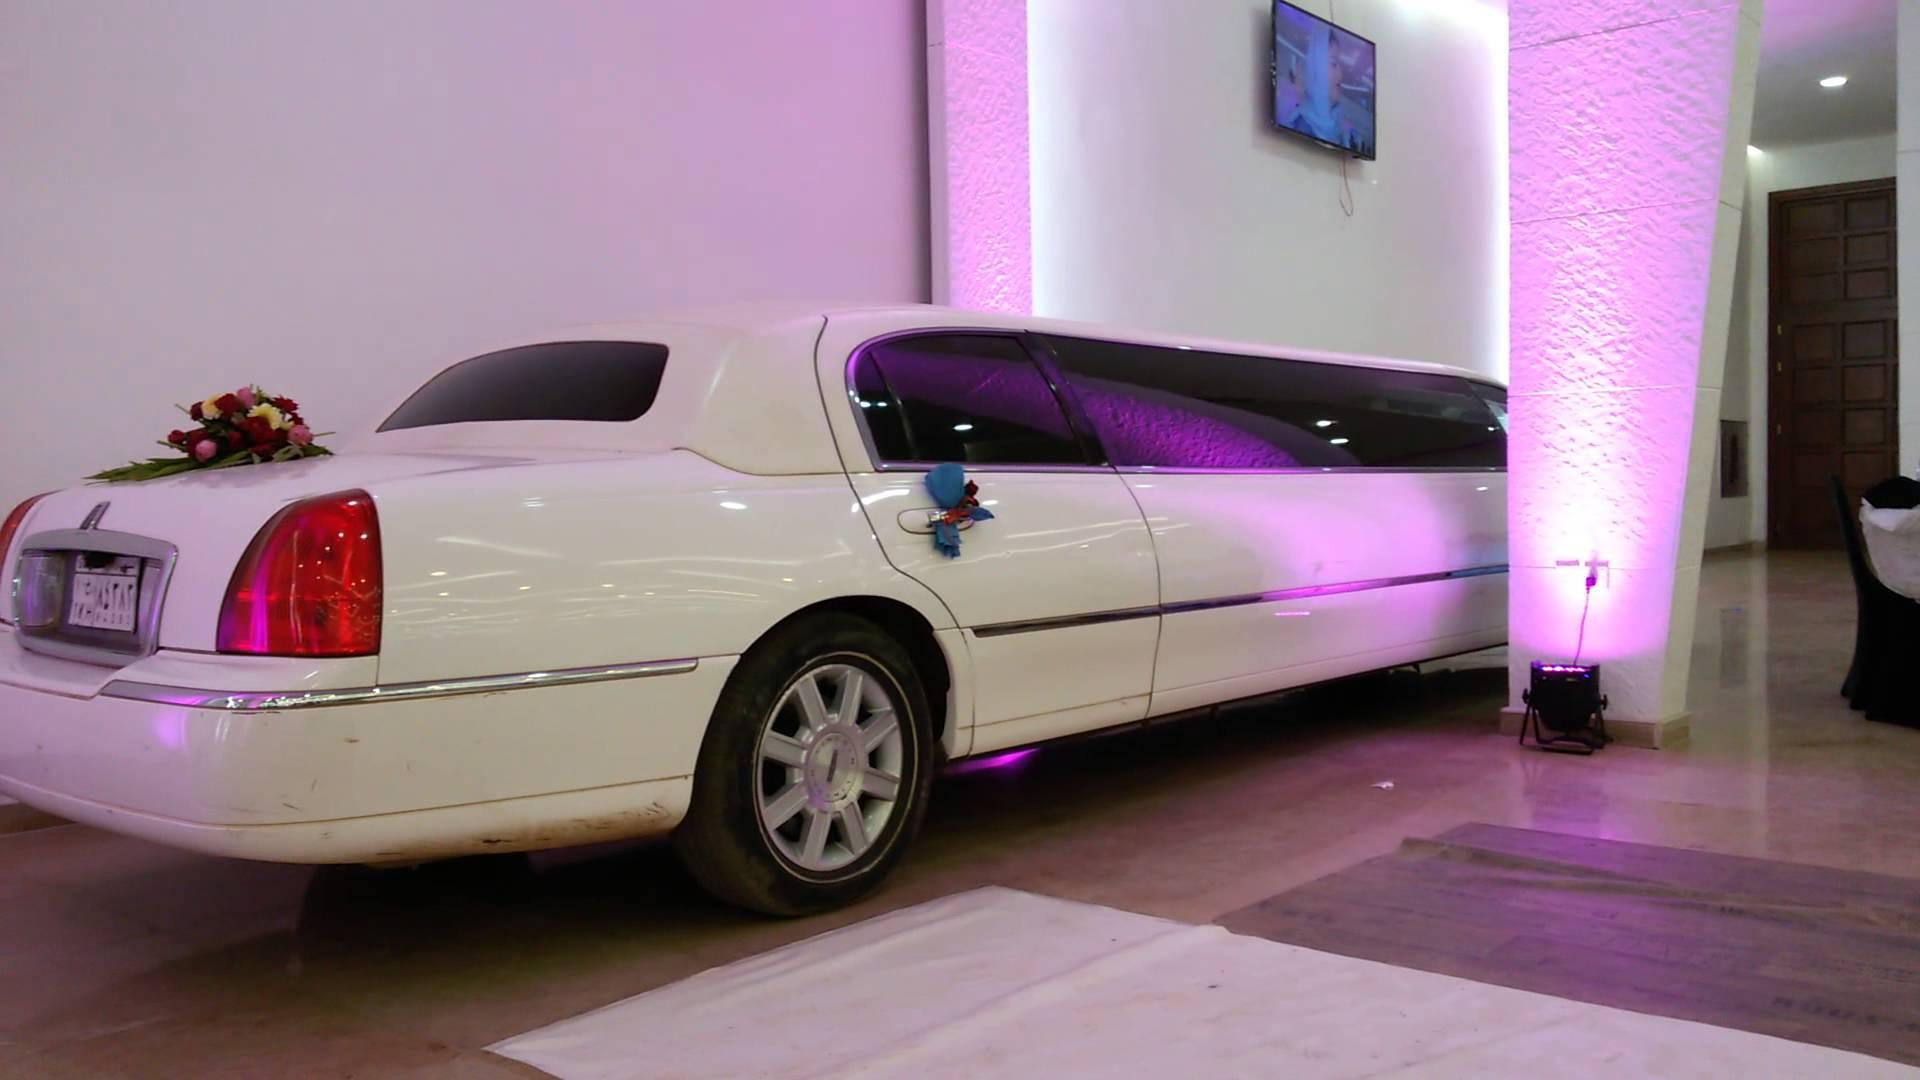 بالصور اكبر سيارة في العالم , اضخم سيارة في العالم 1059 5